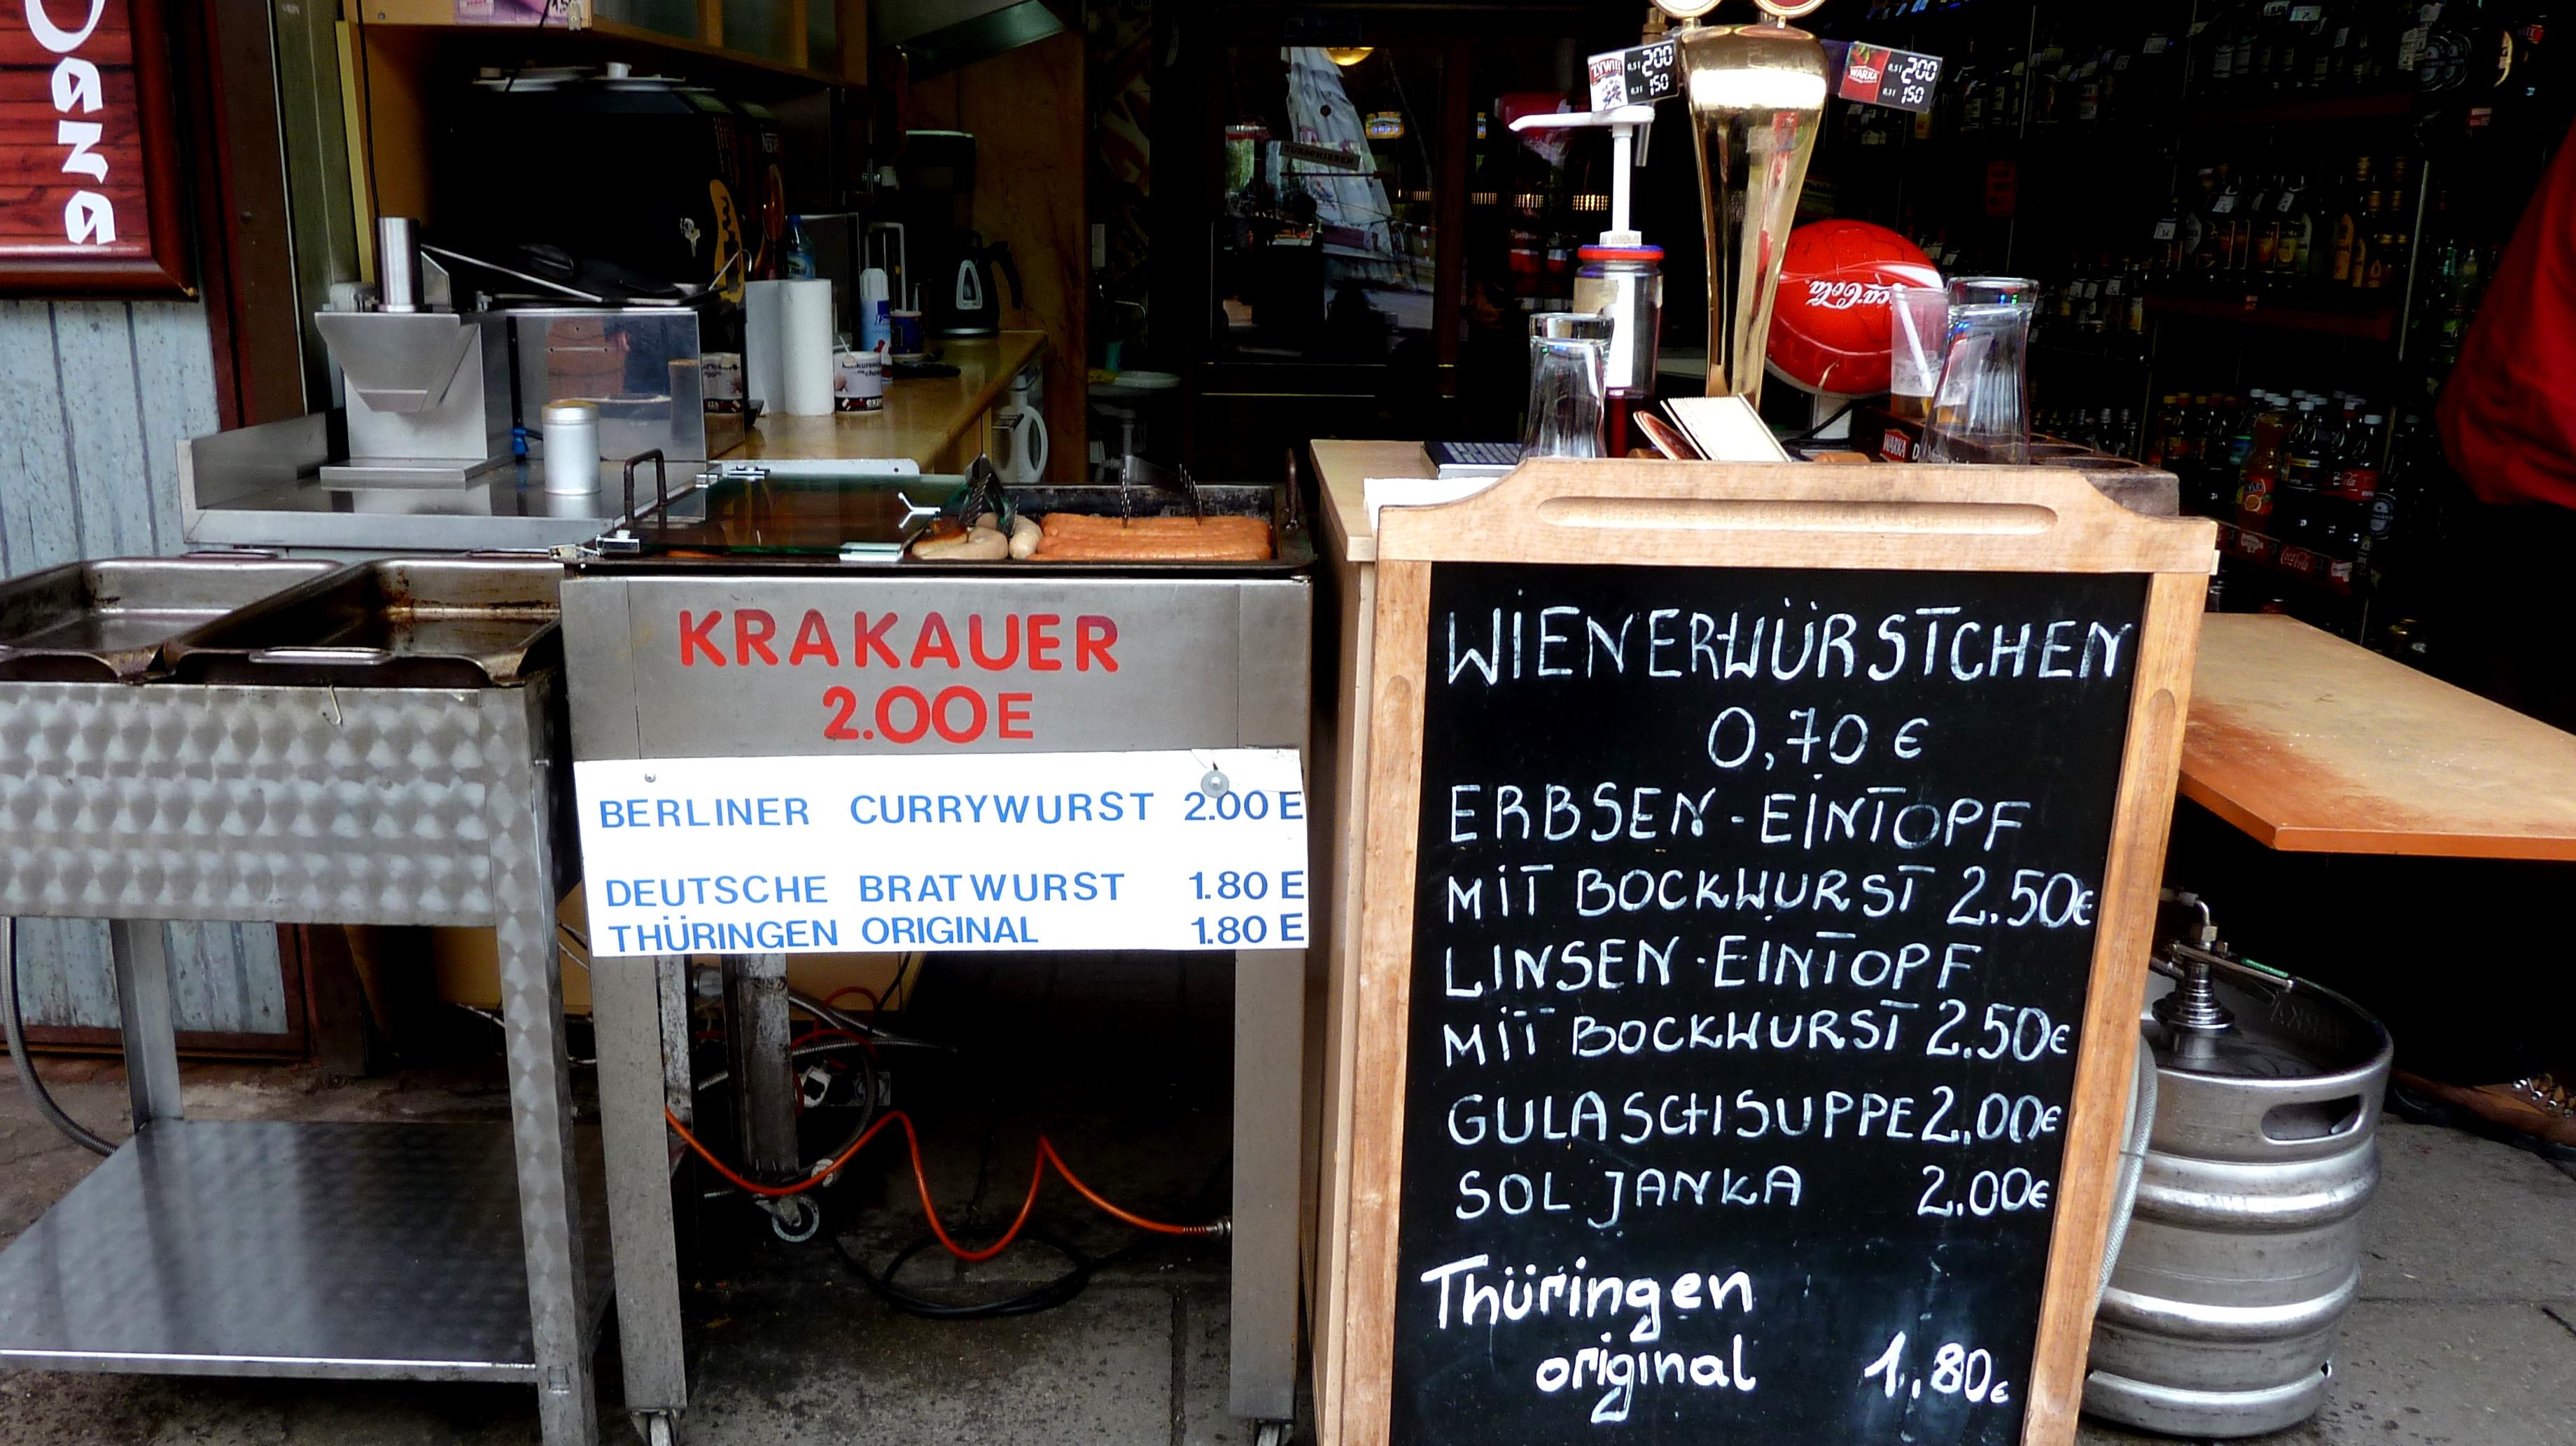 Luxus Polnische Küche Frankfurt